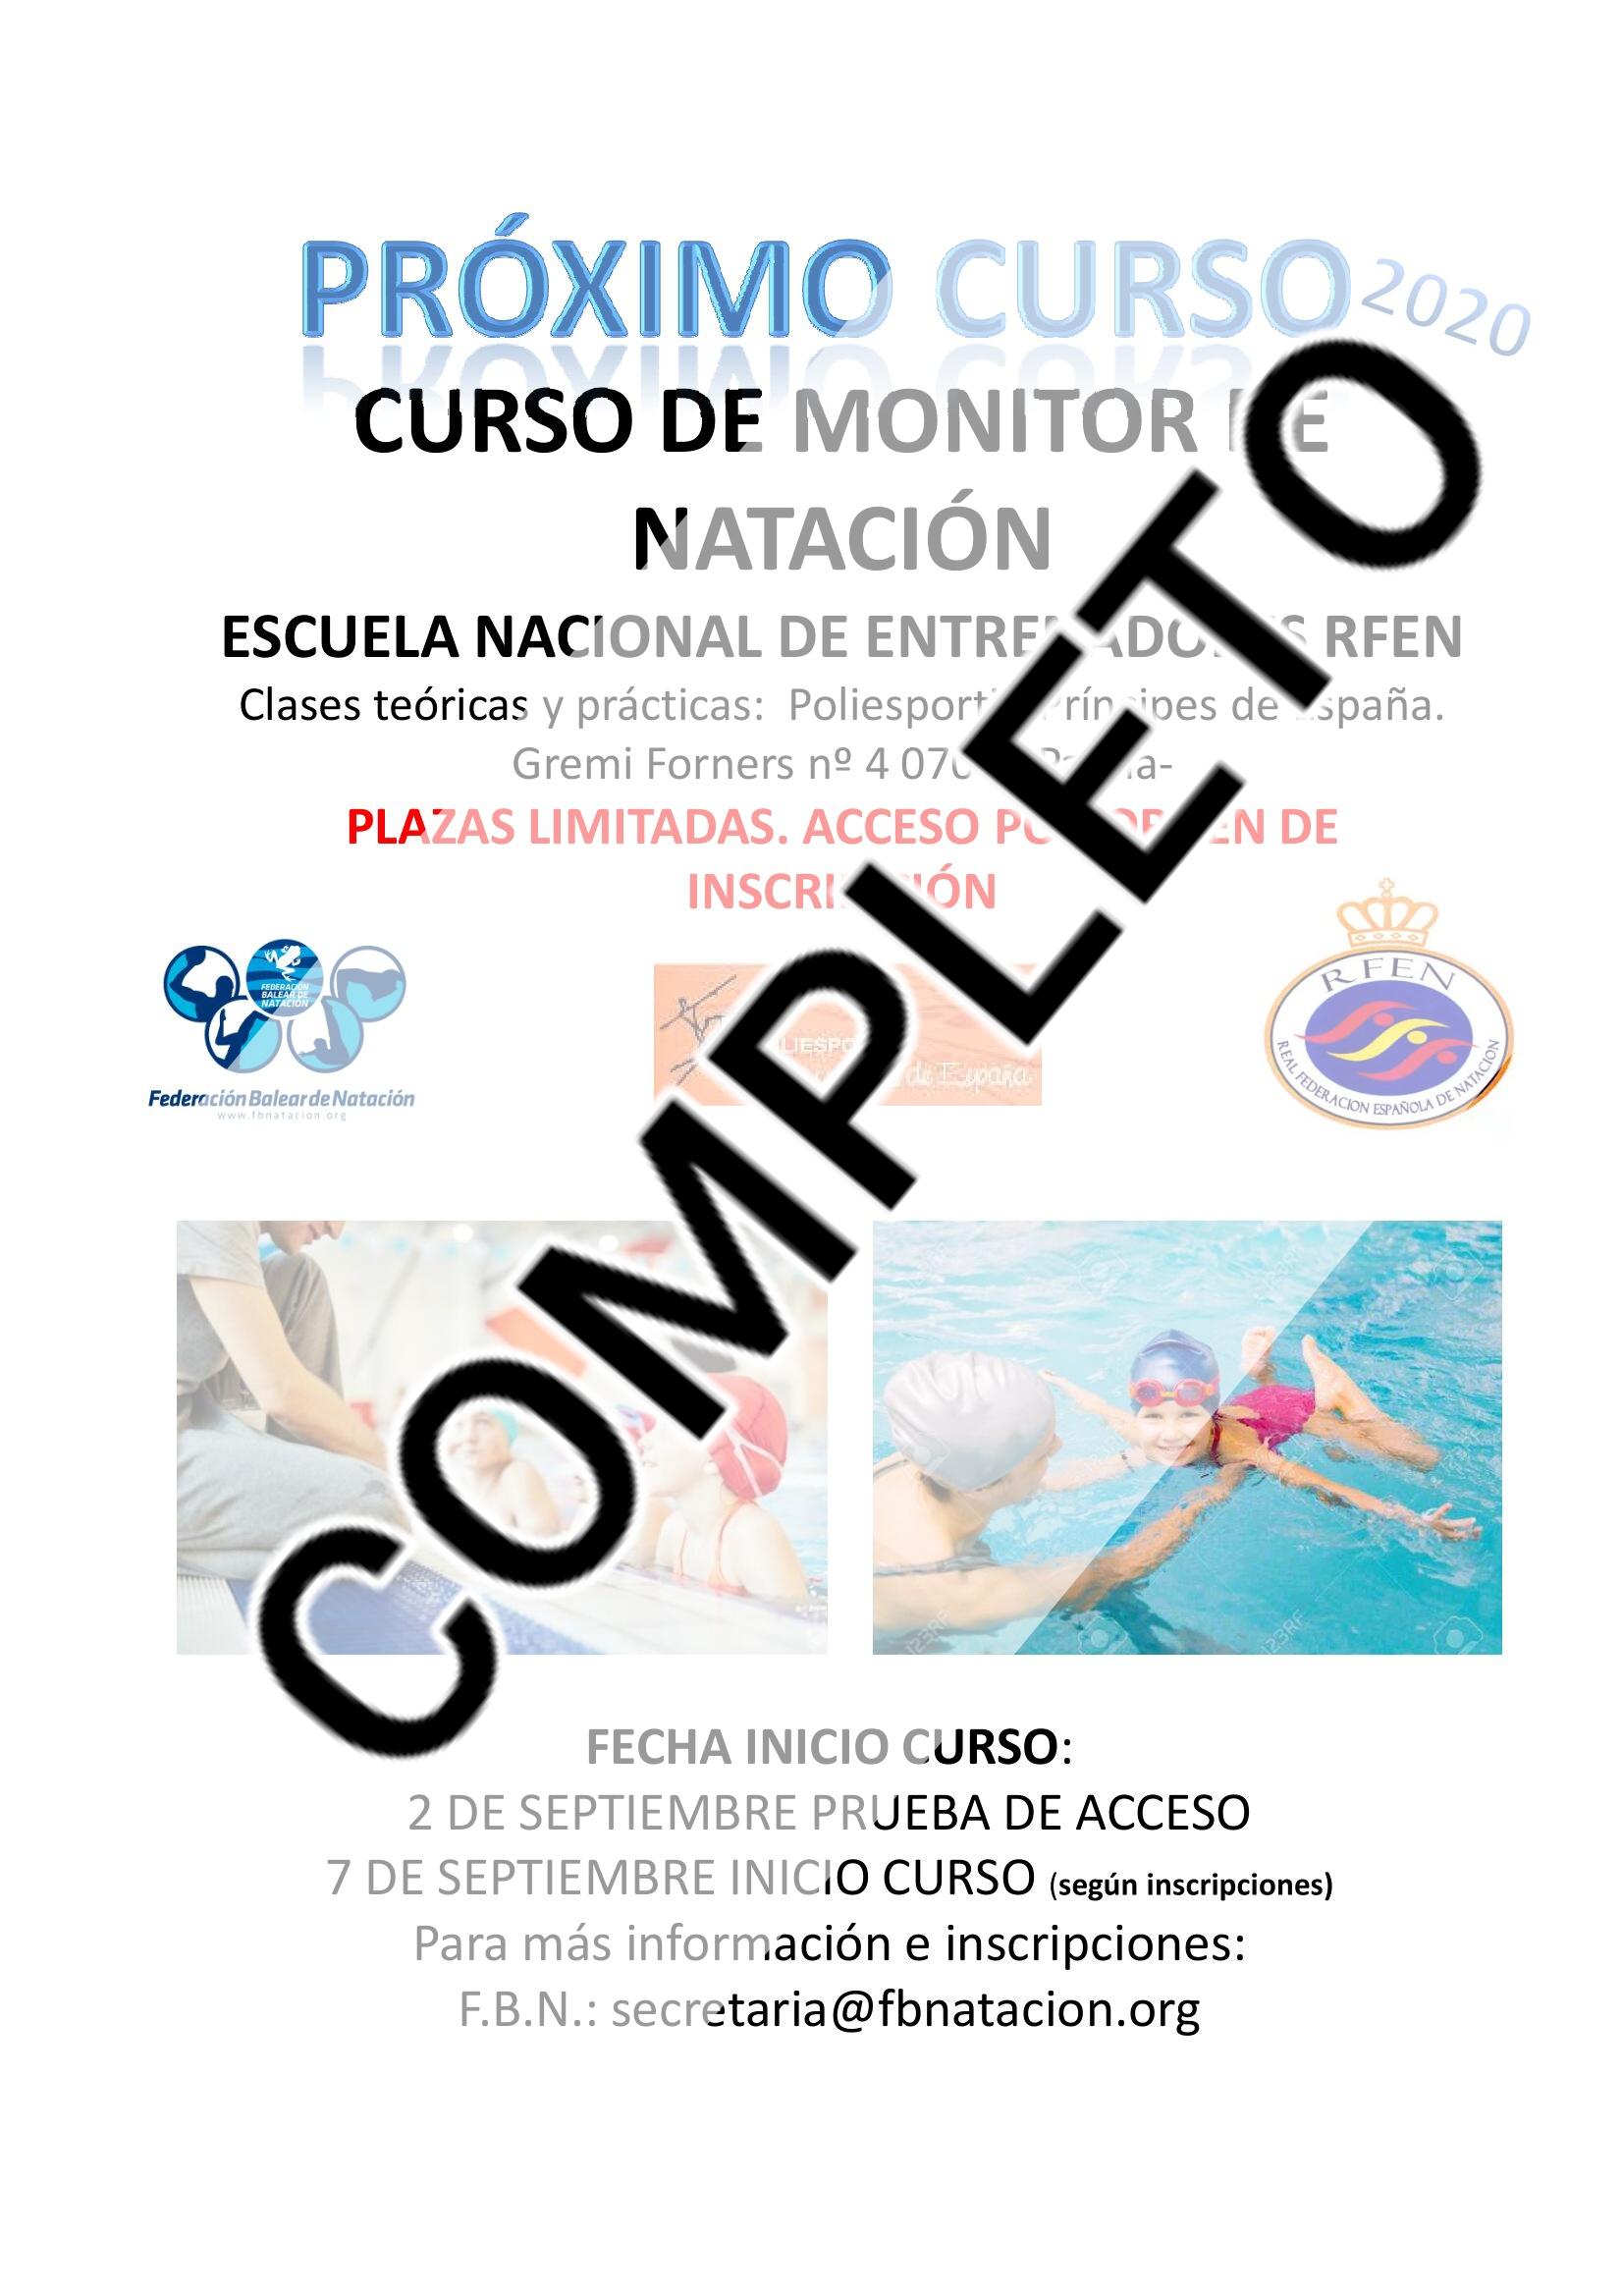 CURSO COMPLETO - CONVOCATORIA CURSO DE MONITOR - PALMA